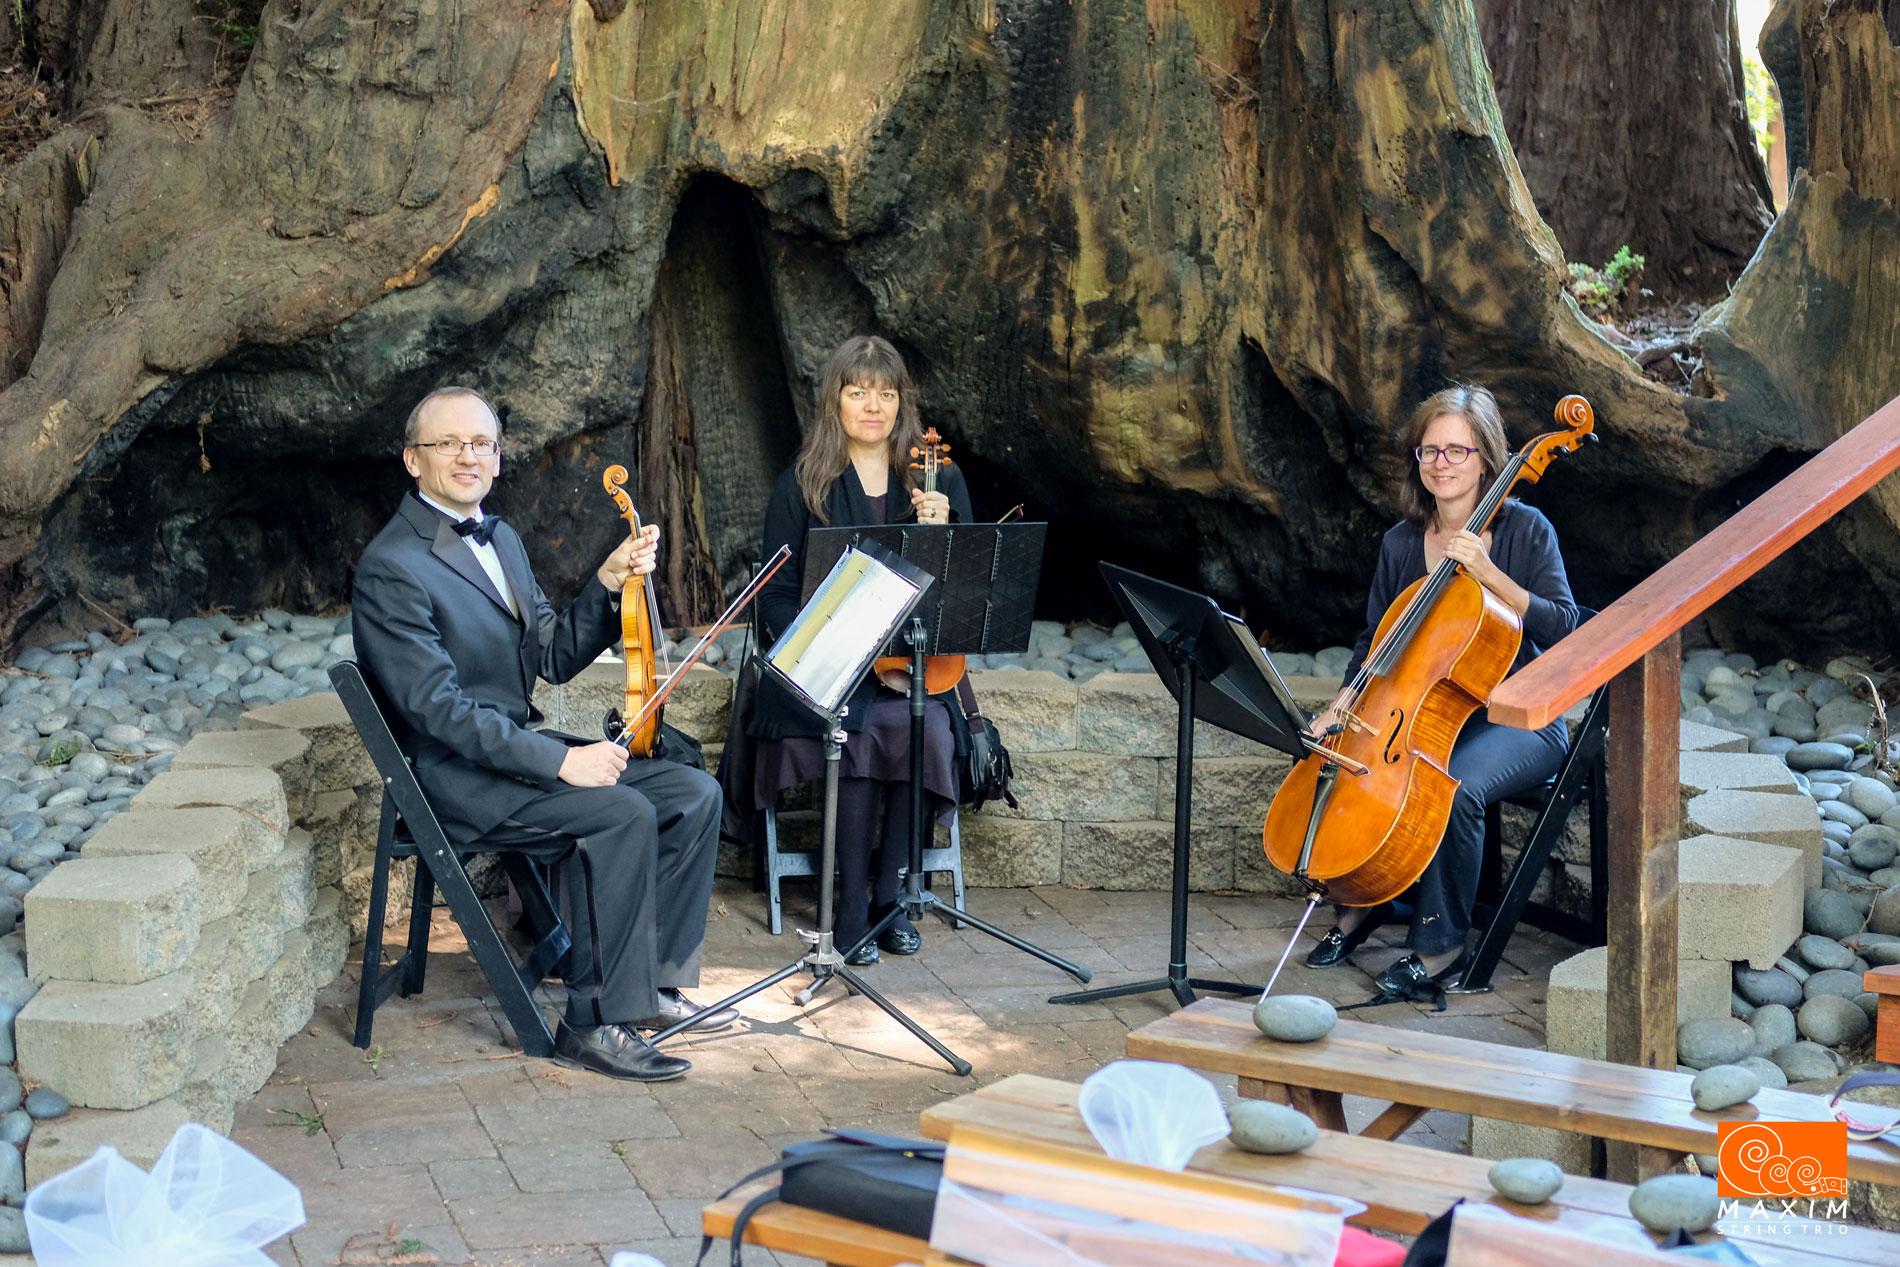 Trio Maxim at Felton Guild